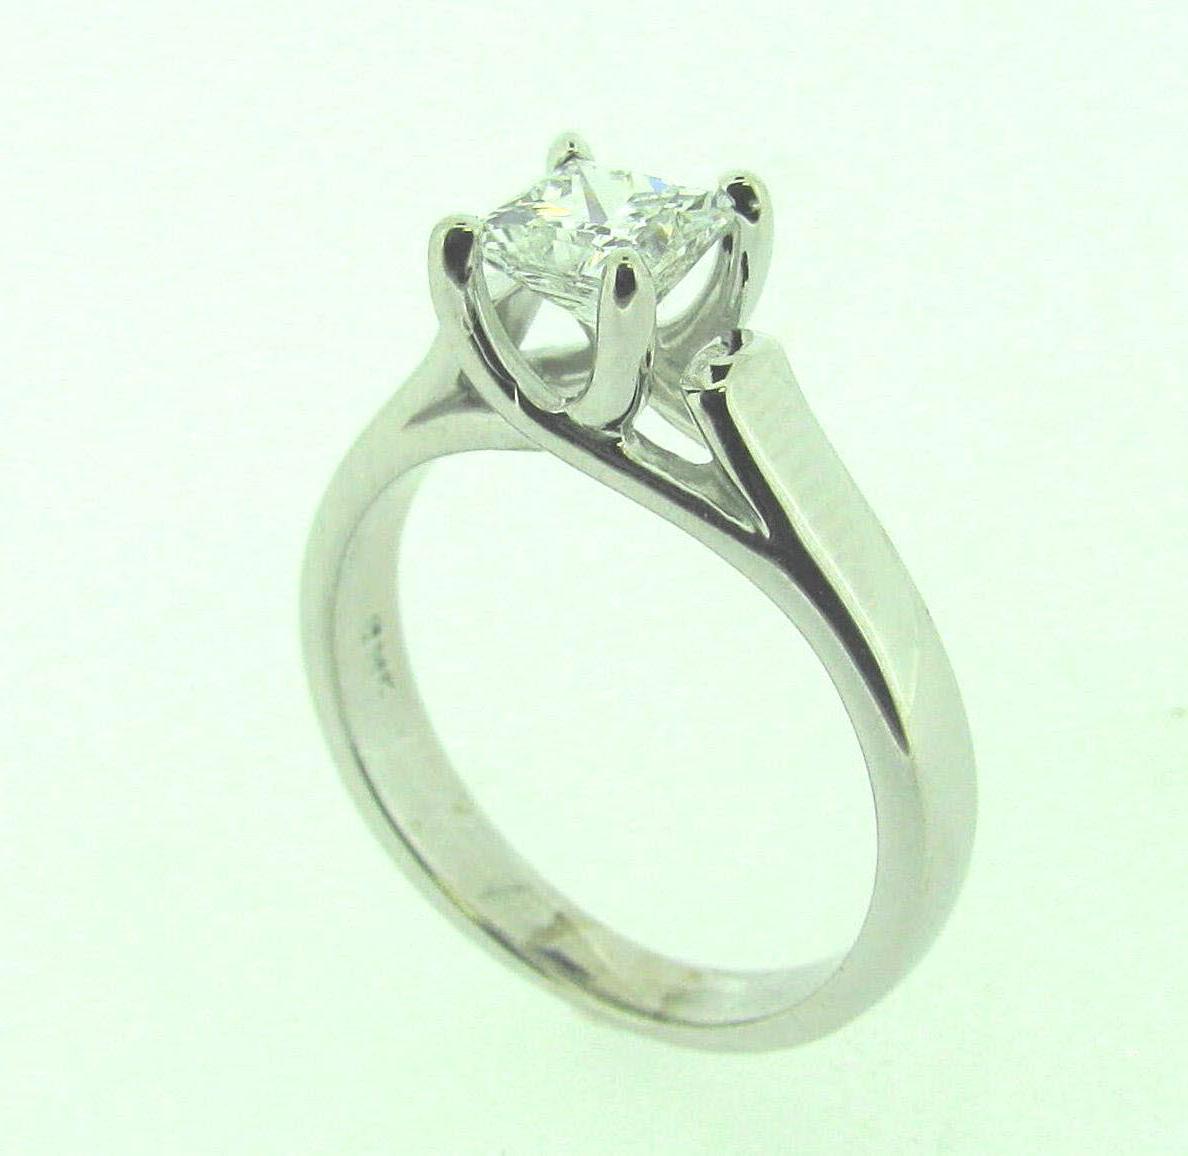 Ring: 14k white gold